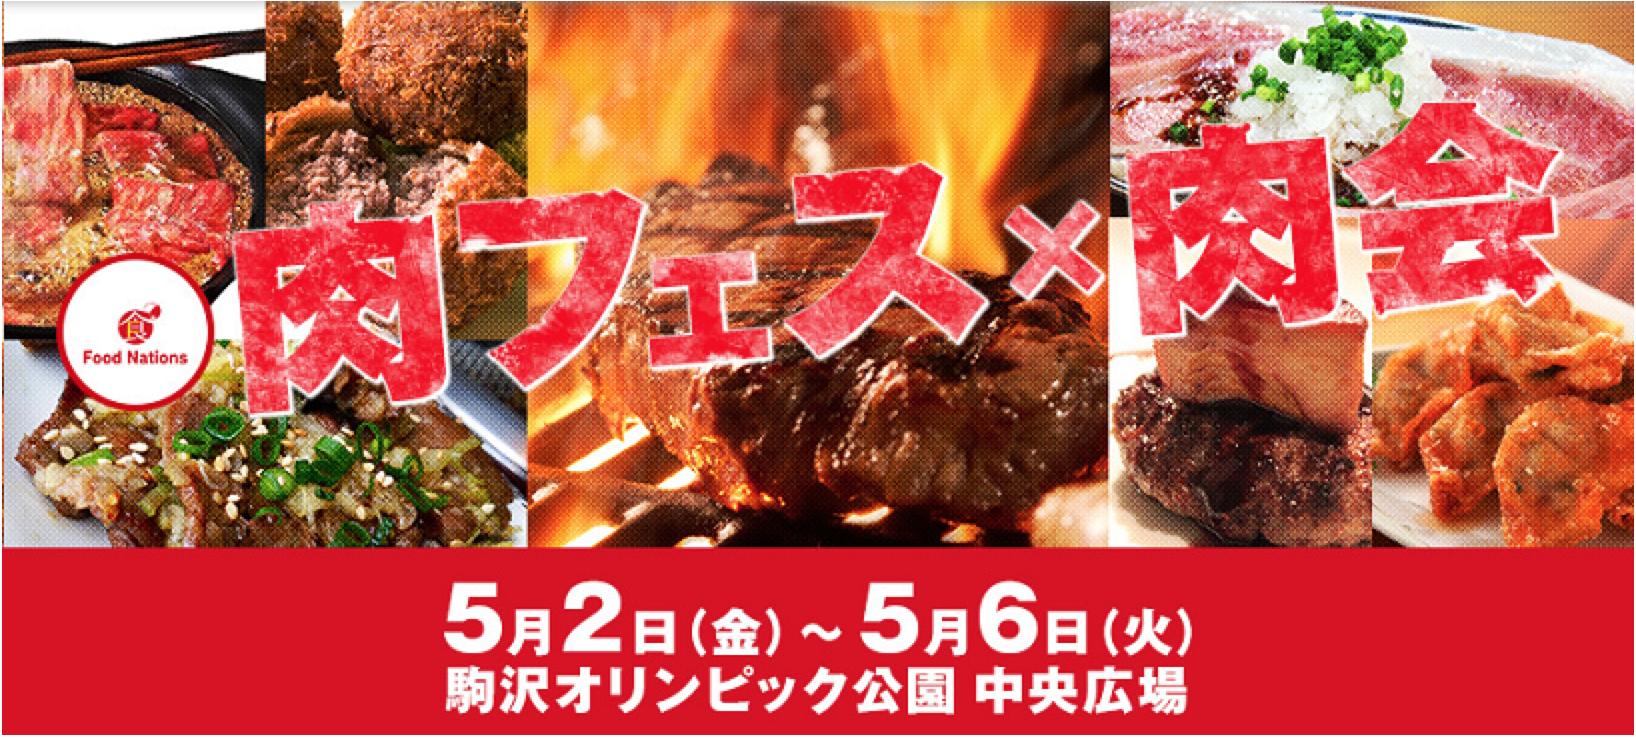 日本全国、世界各国の肉料理が集まる「Food Nations肉フェス」5月2〜6日駒沢オリンピック公園にて開催